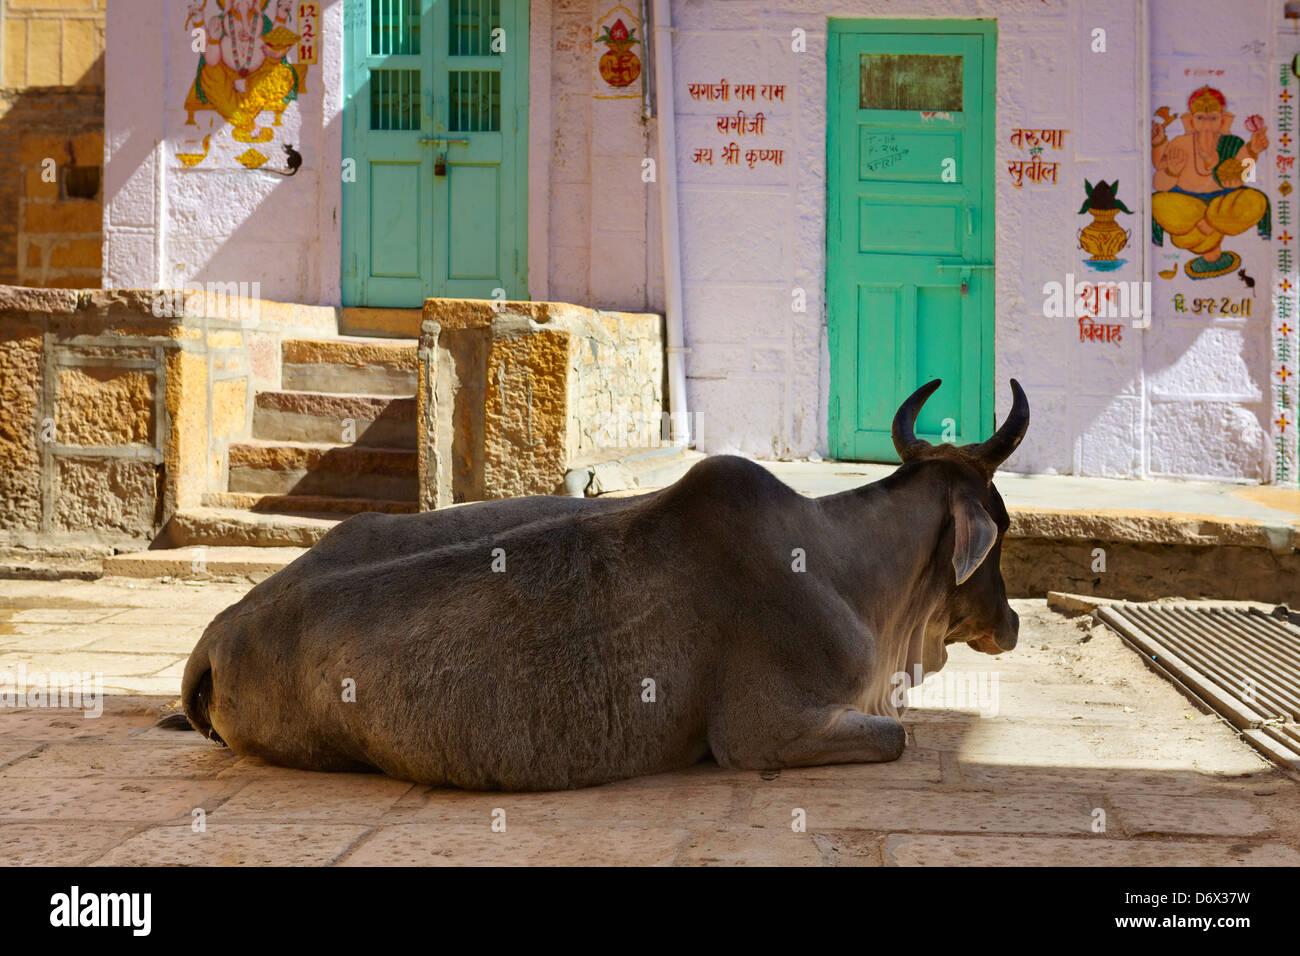 Straßenszene, Kuh auf die Straße, Jaisalmer, Rajasthan Zustand, Indien Stockfoto